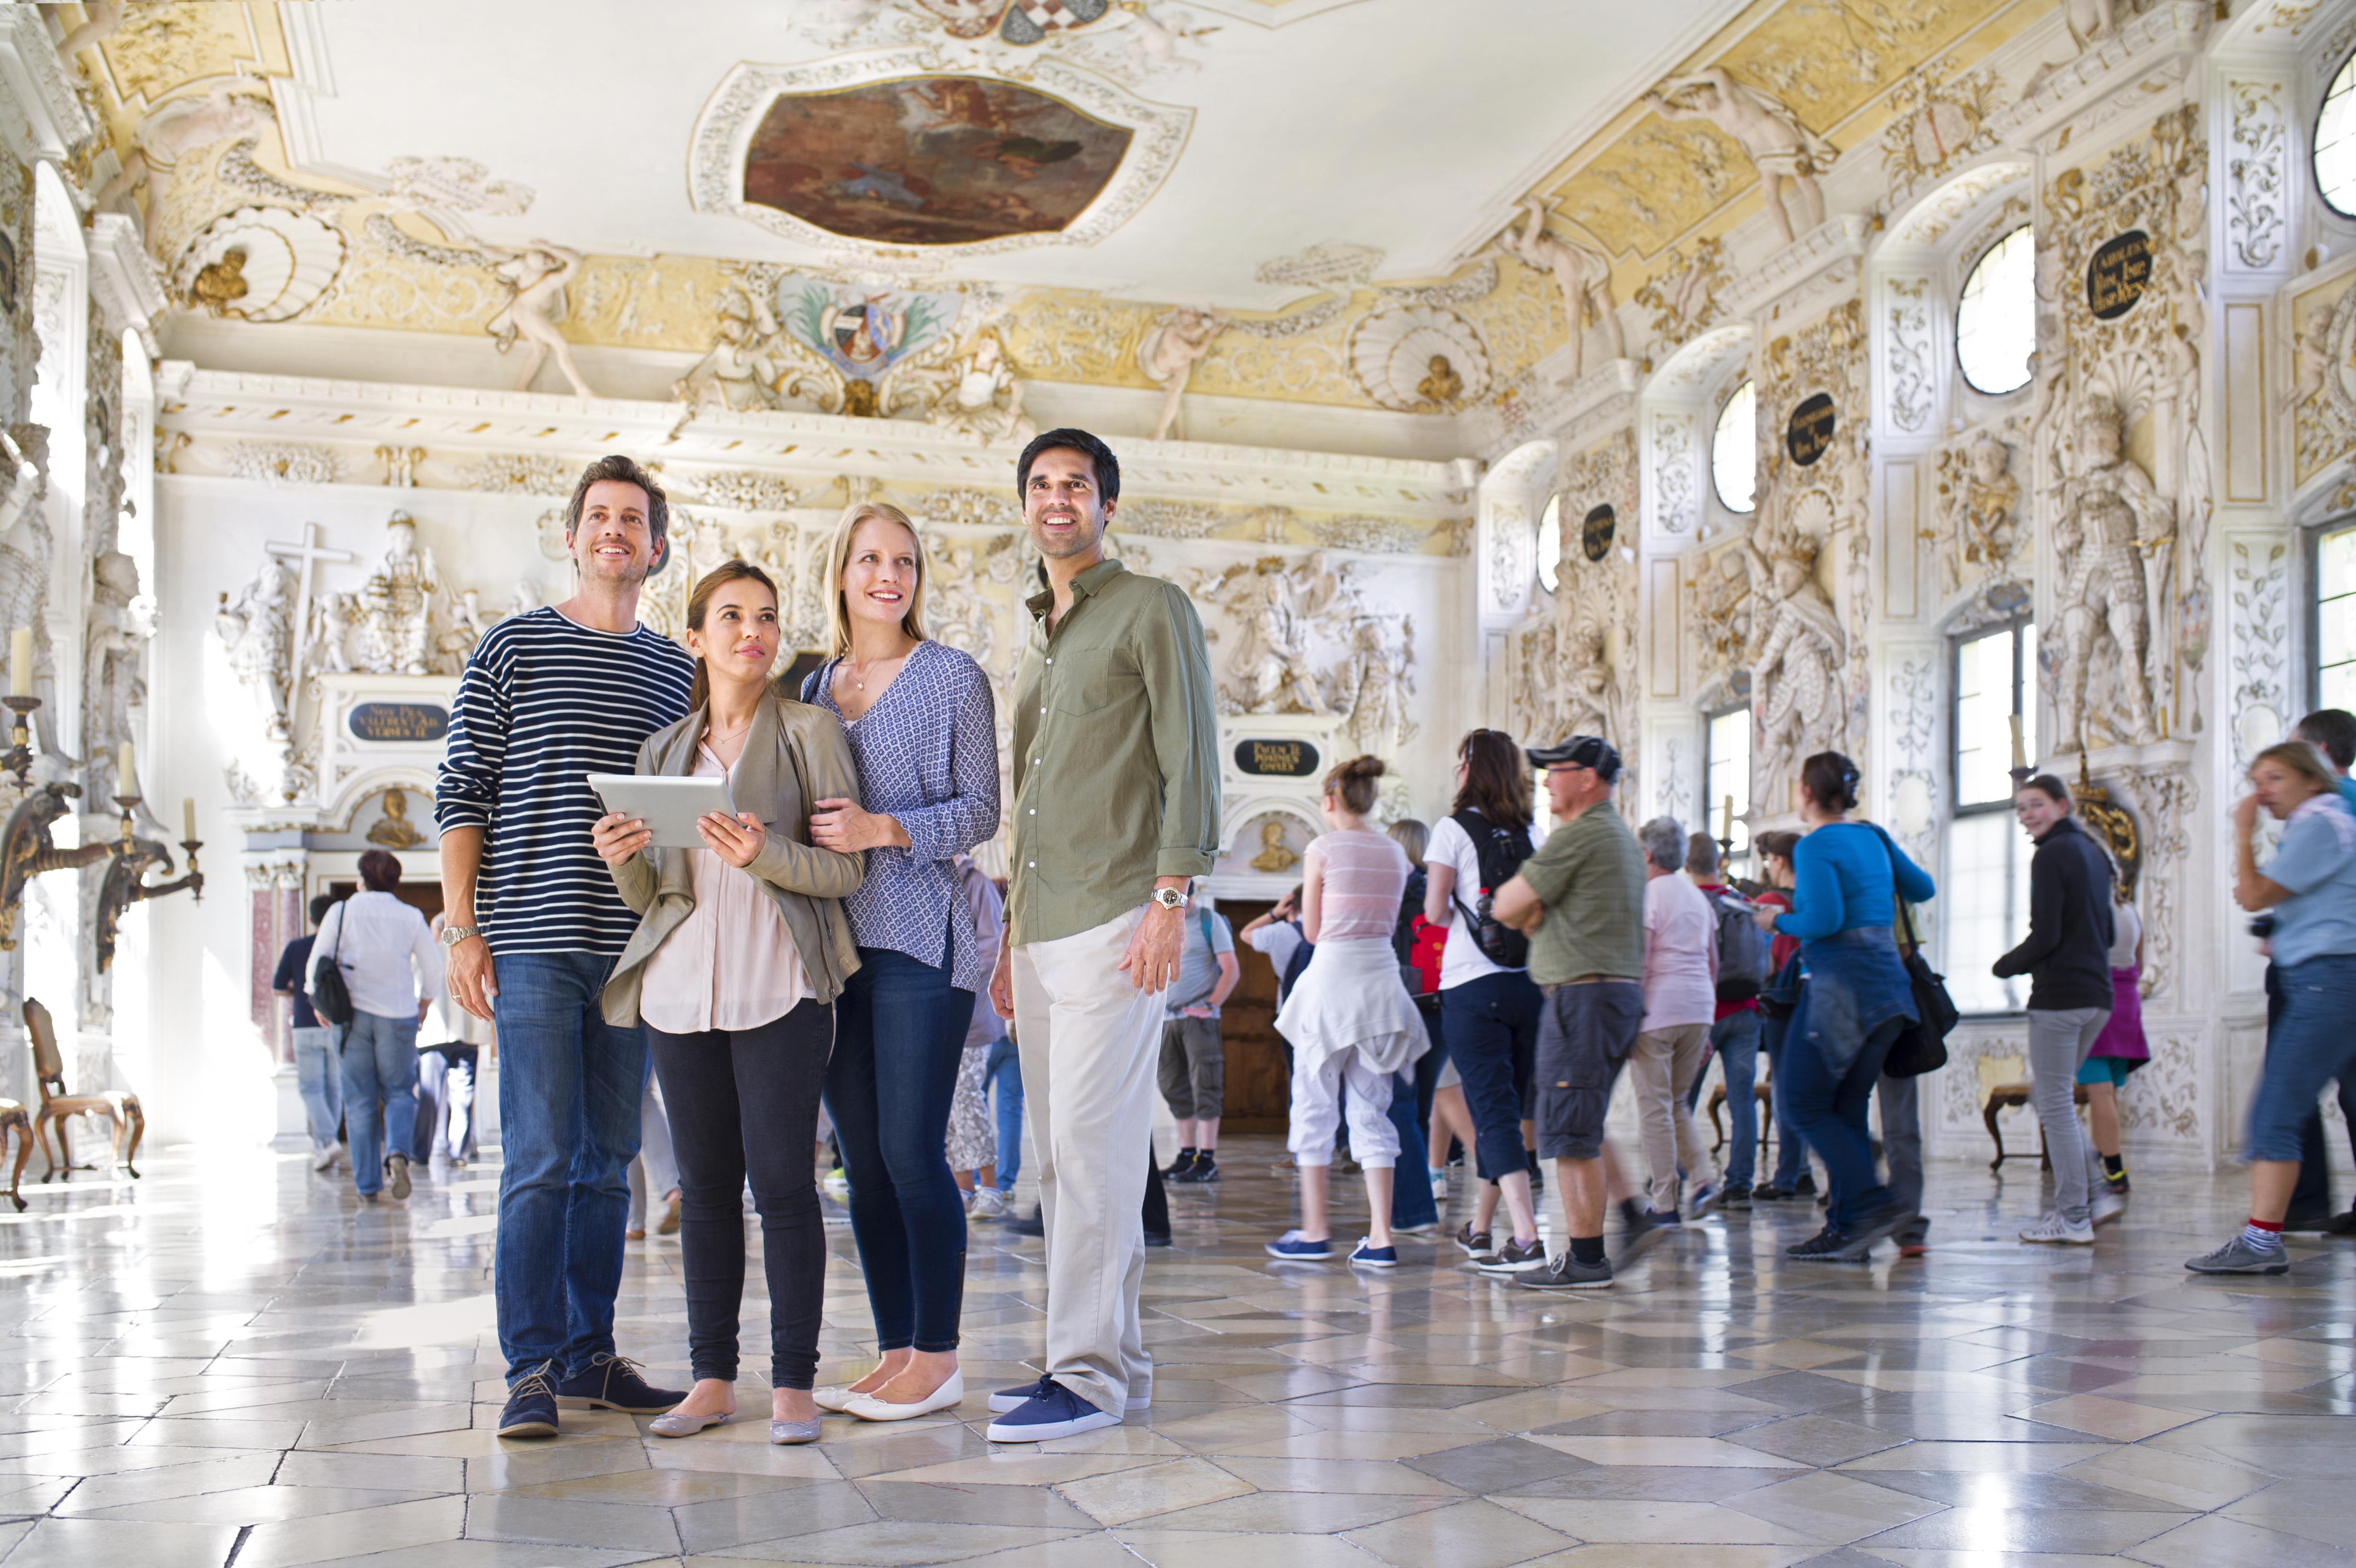 Besucher im Kloster Salem; Foto: Staatliche Schlösser und Gärten Baden-Württemberg, Niels Schubert